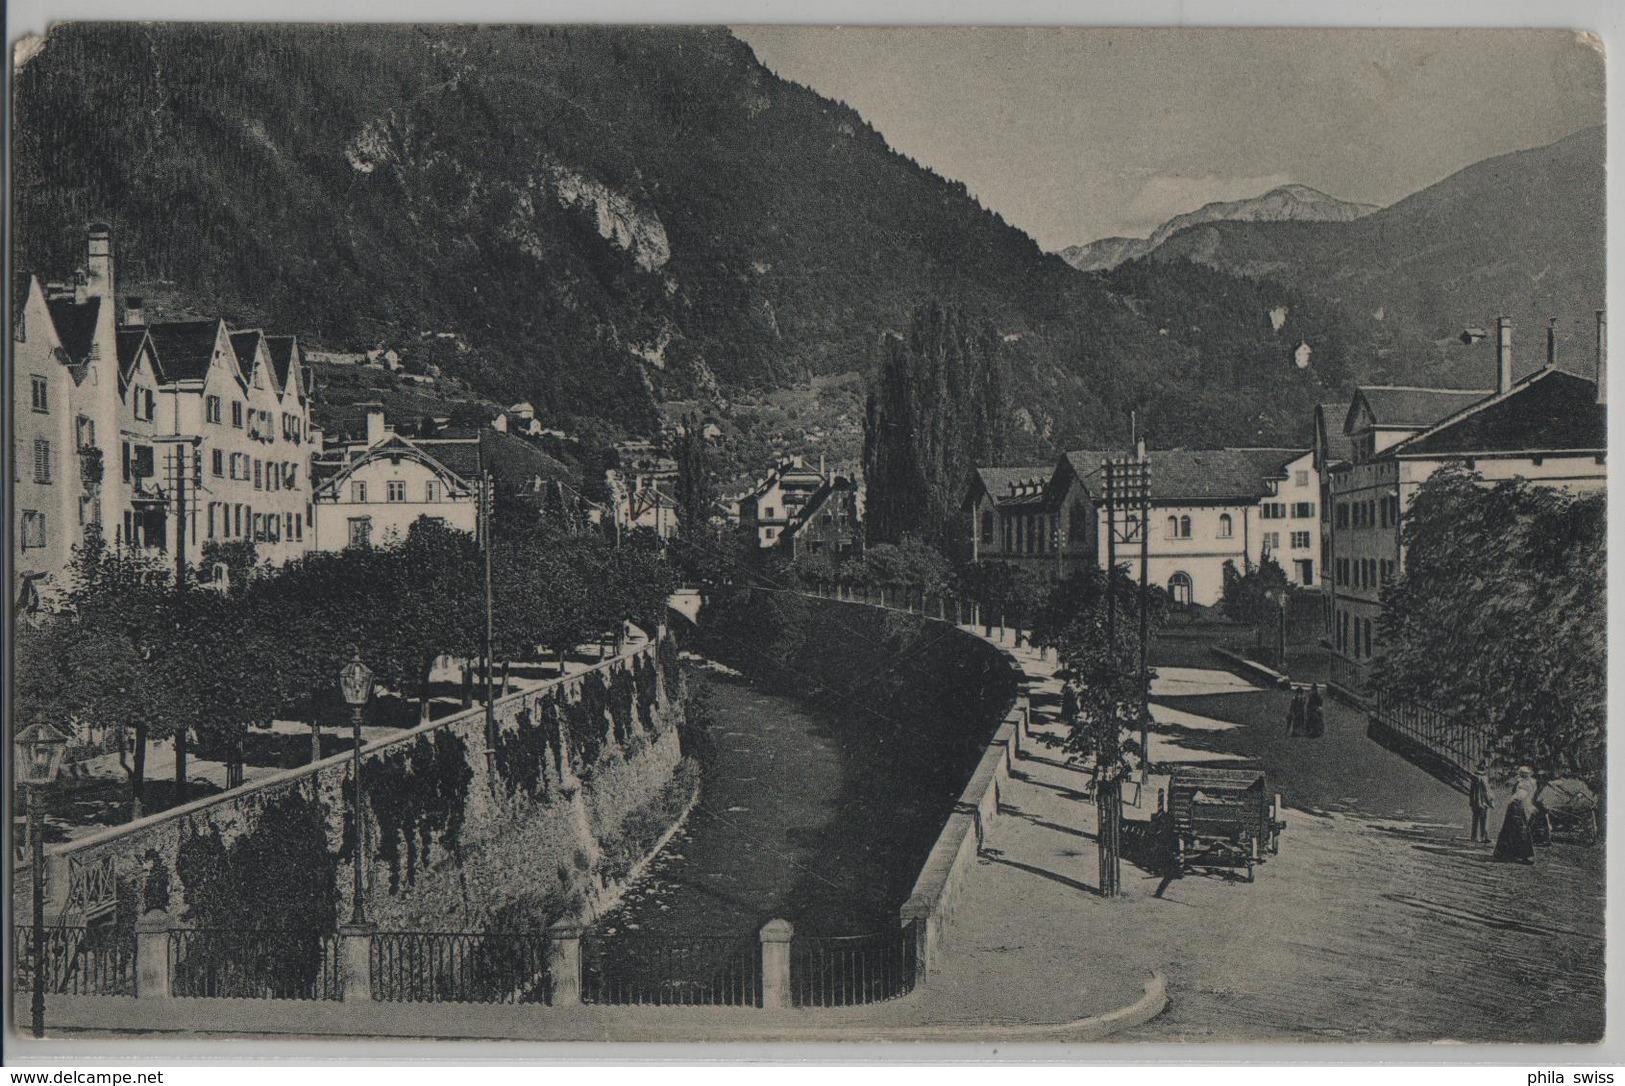 Chur - Plessurquai Gegen Das Schanfigg - GR Grisons